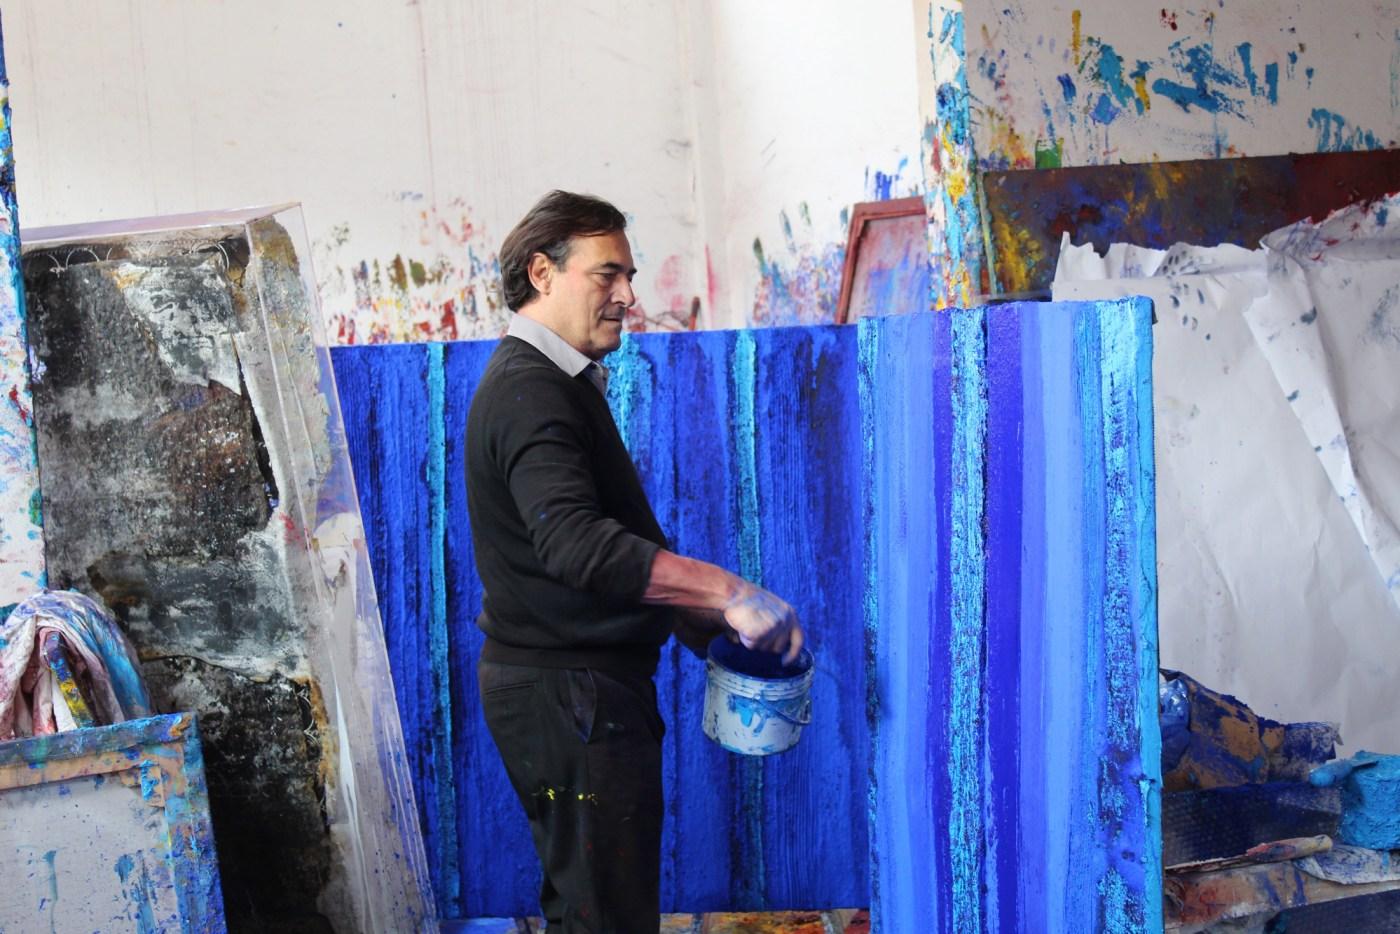 Marcello Lo Giudice painting